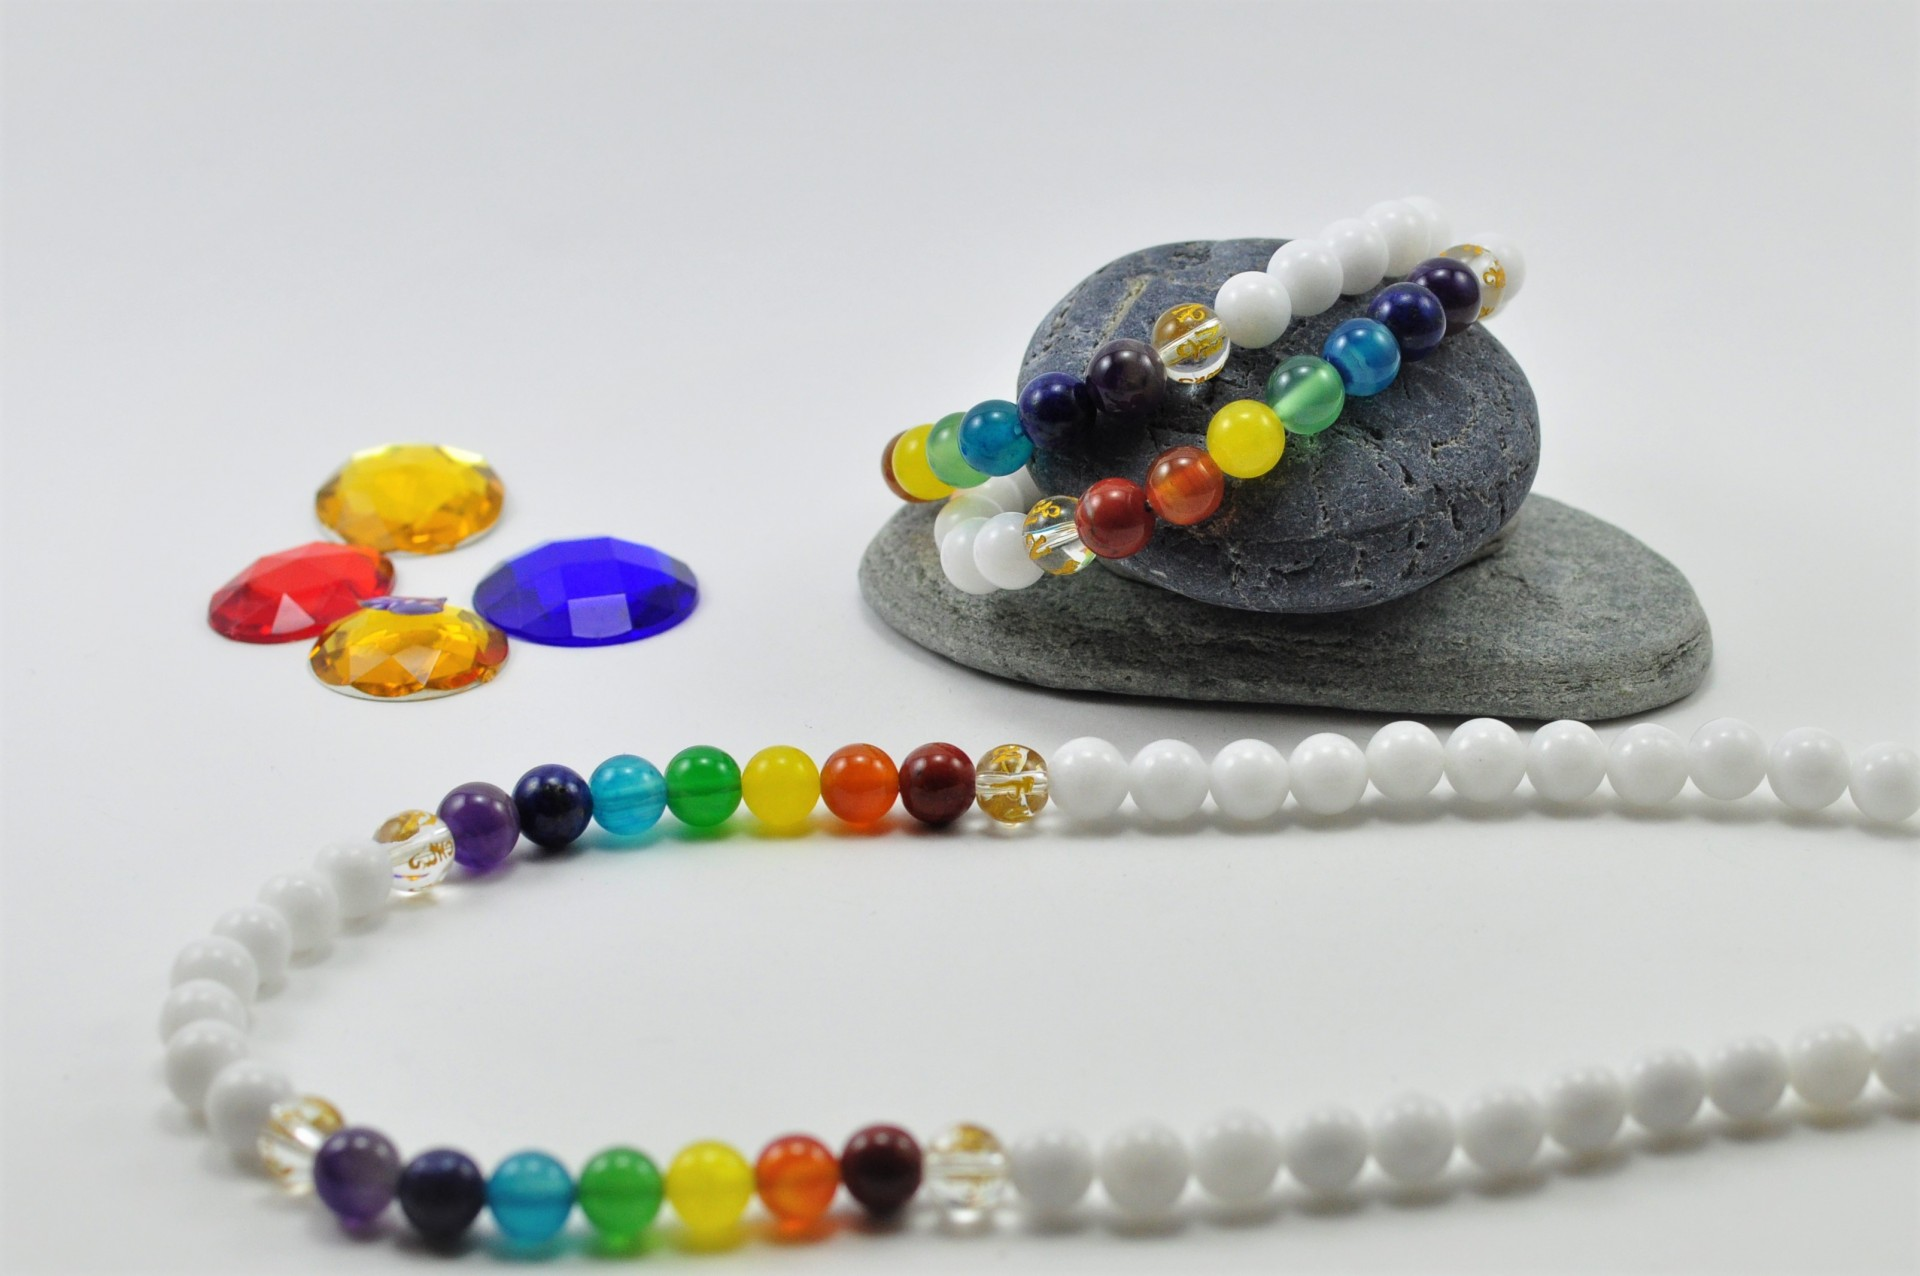 Colar e Pulseira de Jade com pedras dos Chakras e Mantra